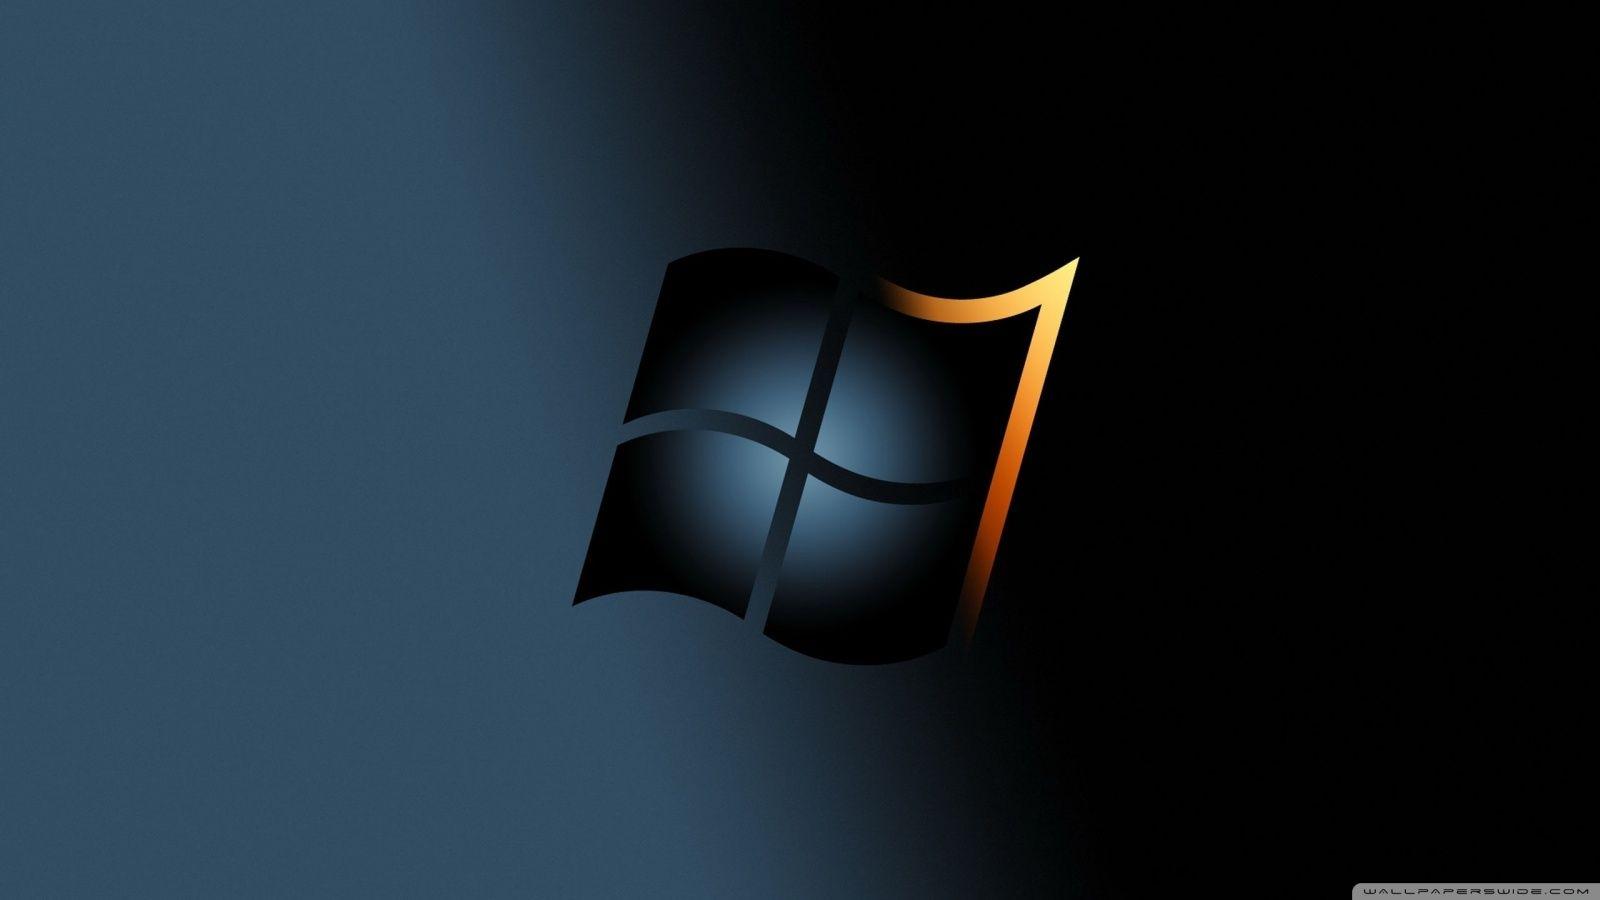 Windows 7 Dark Hd Desktop Wallpaper High Definition Fullscreen Wallpaper Pc Computer Wallpaper Hd Wallpaper Desktop